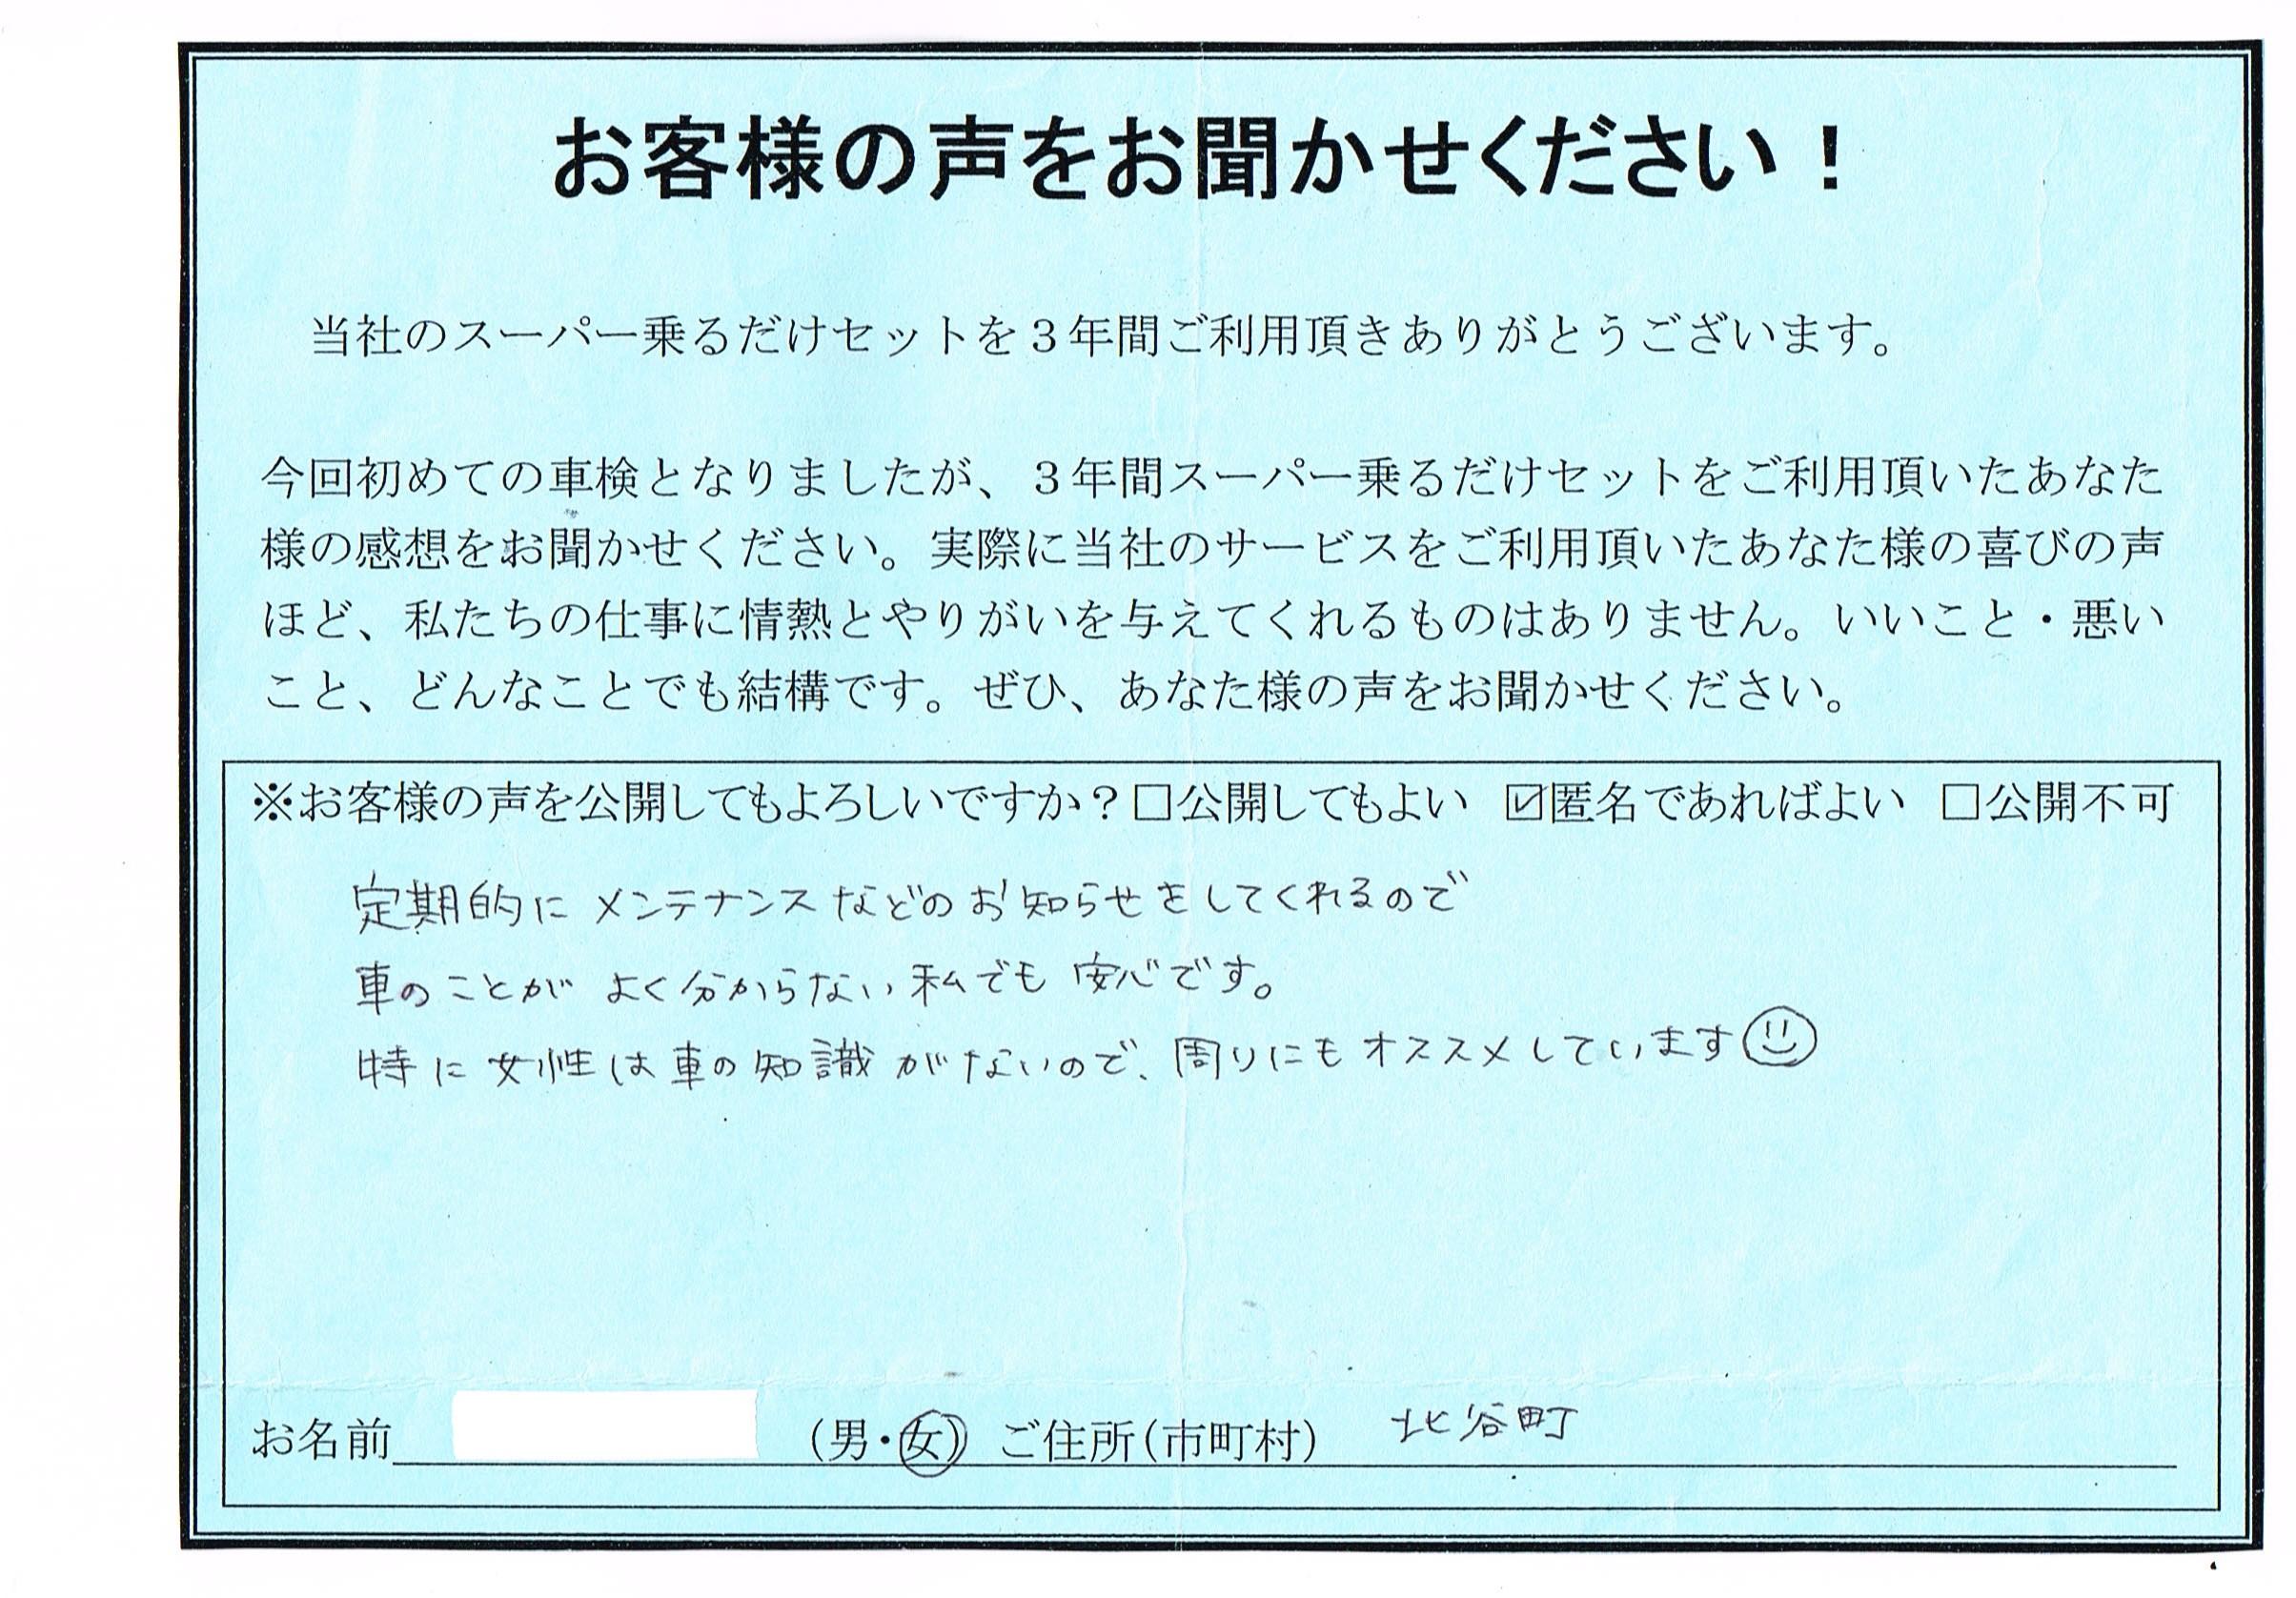 CCI20150330_0002